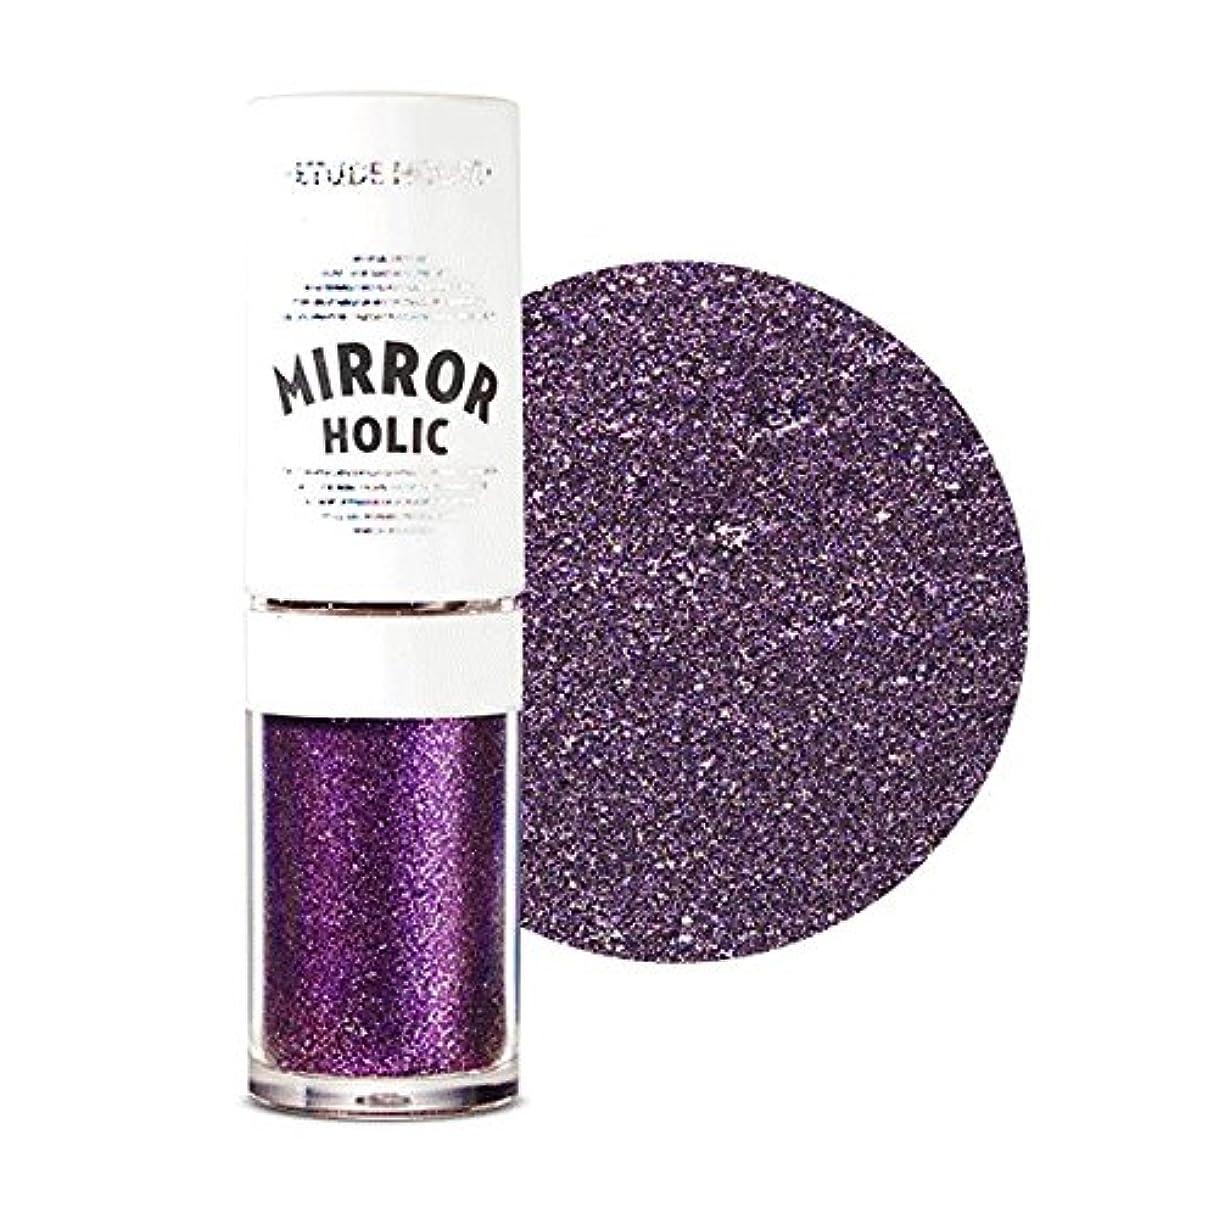 小包サーマルオッズETUDE HOUSE Mirror Holic Liquid Eyes / エチュードハウス ミラーホリックリキッドアイズ ミラーホリックリキッドアイズ (PP501) [並行輸入品]